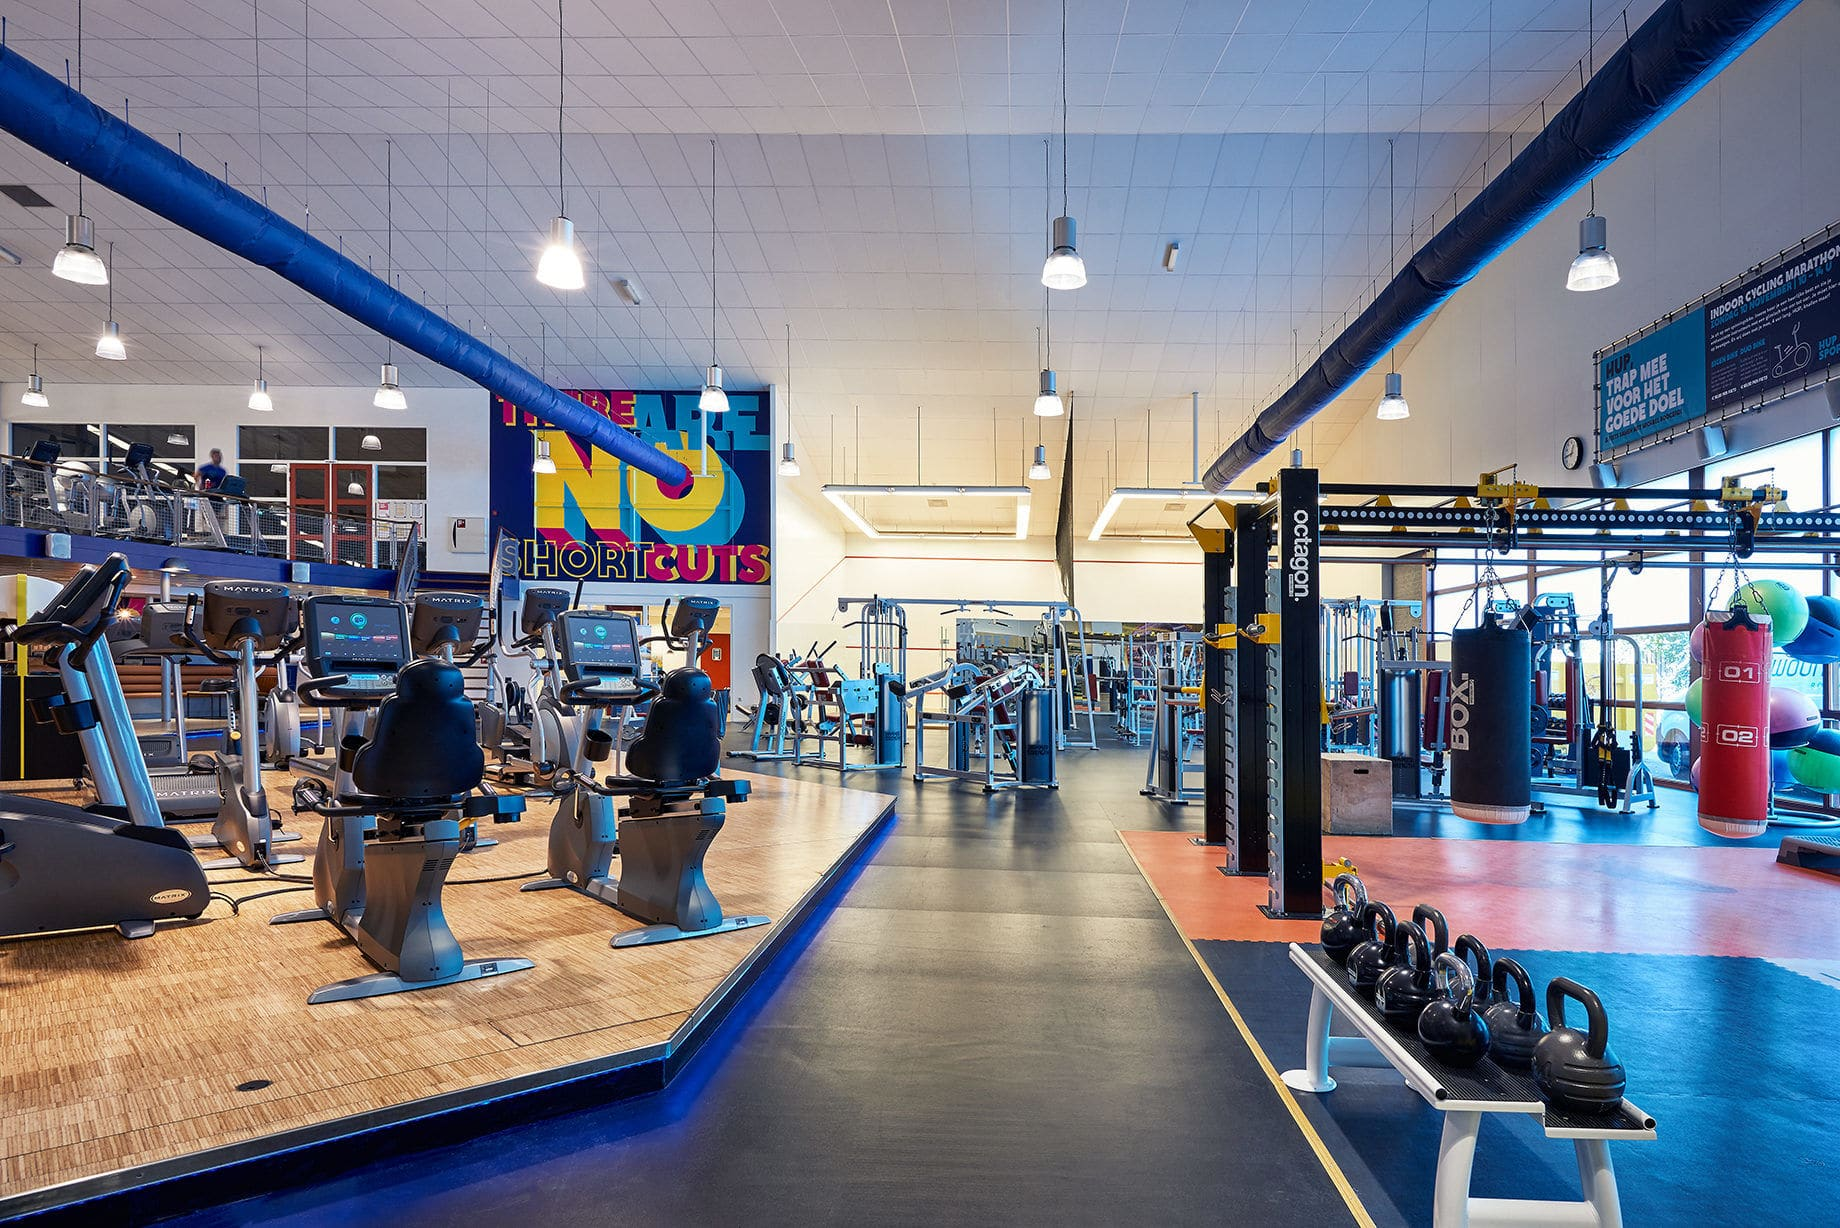 Großer Fitnessbereich mit diversen Geräte zum Krafttraining im Trainingslager Geldrop